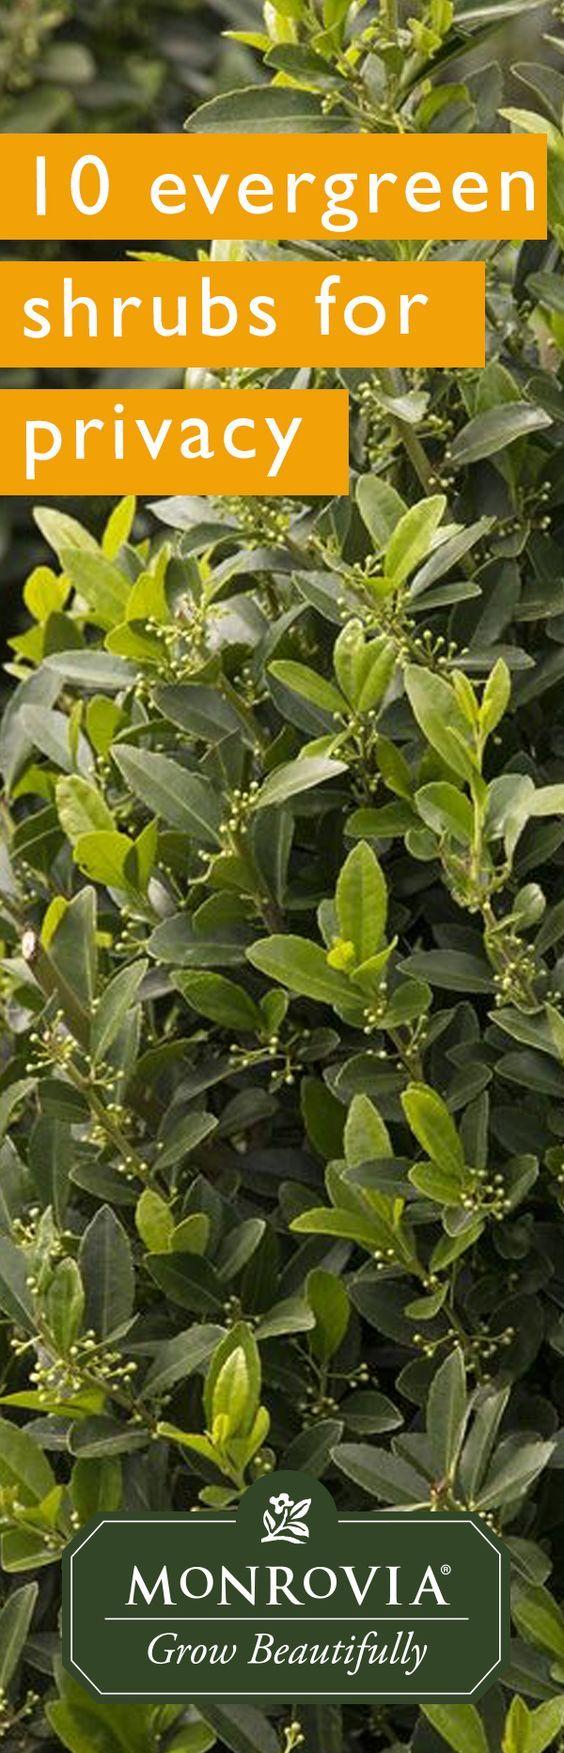 495 best trees shrubs images on pinterest landscaping for Tall evergreen shrubs